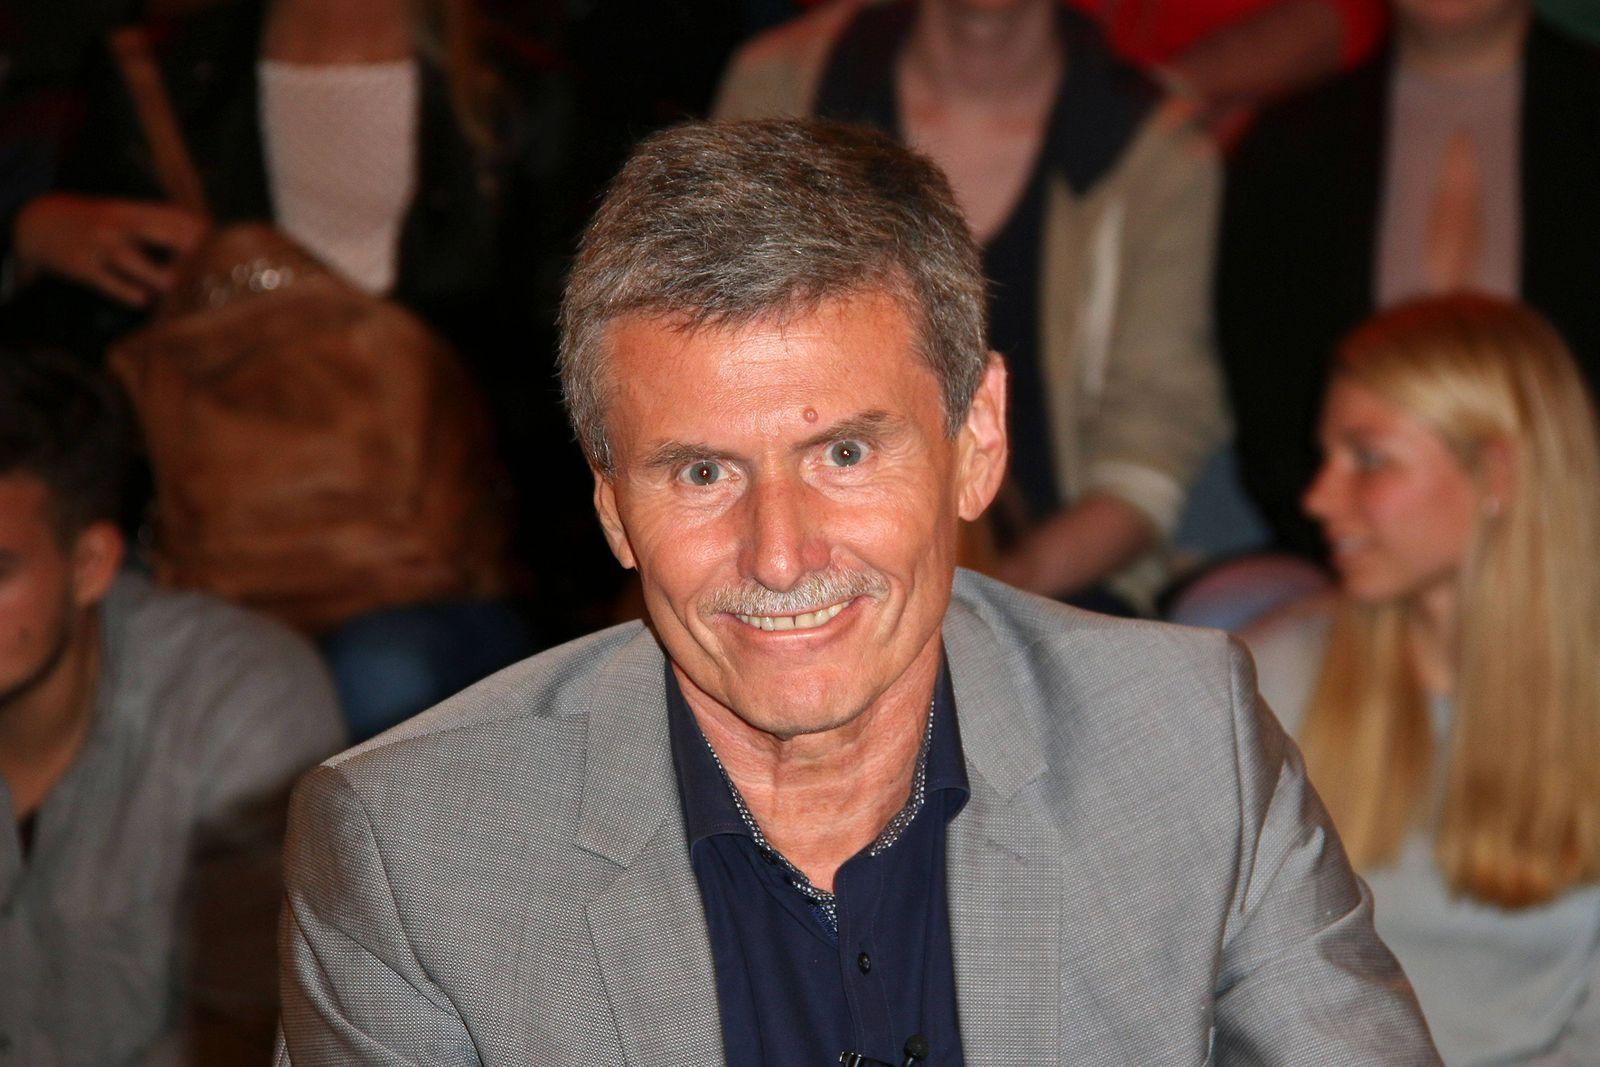 Ferdinand Dudenhöffer zu Gast in der M Lanz ZDF Talkshow am 7 06 2017 in Hamburg M Lanz ZDF Tal